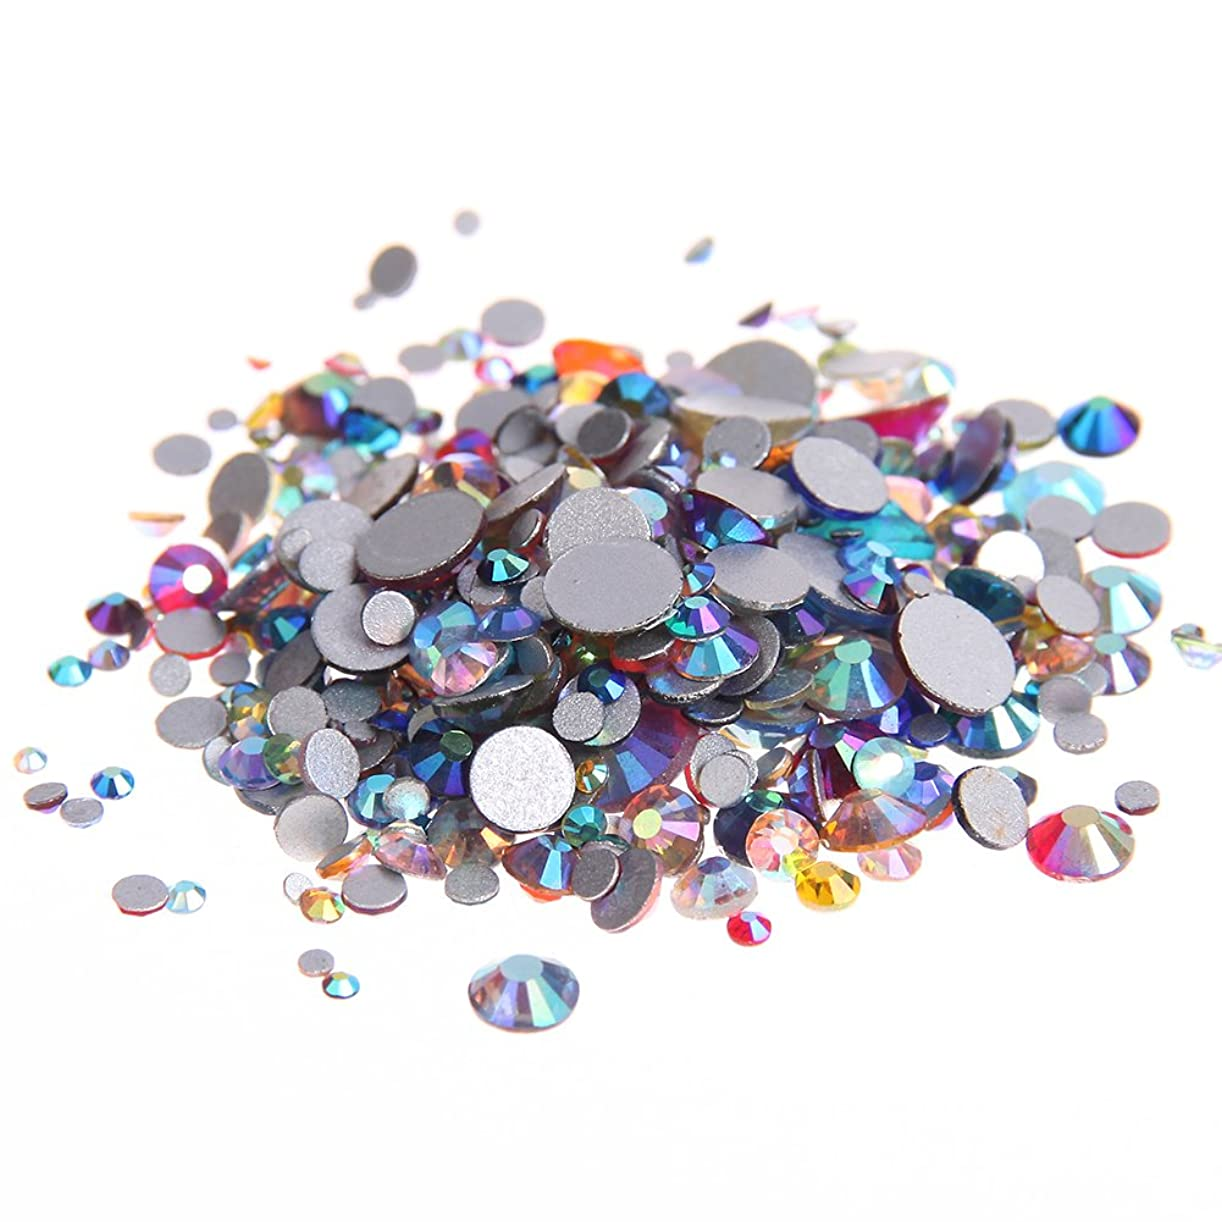 排除するサポート労苦Nizi ジュエリー ブランド 混合ABの色 ラインストーン はガラスの材質 ネイル使用 型番ss3-ss30 (混合サイズ 1000pcs)